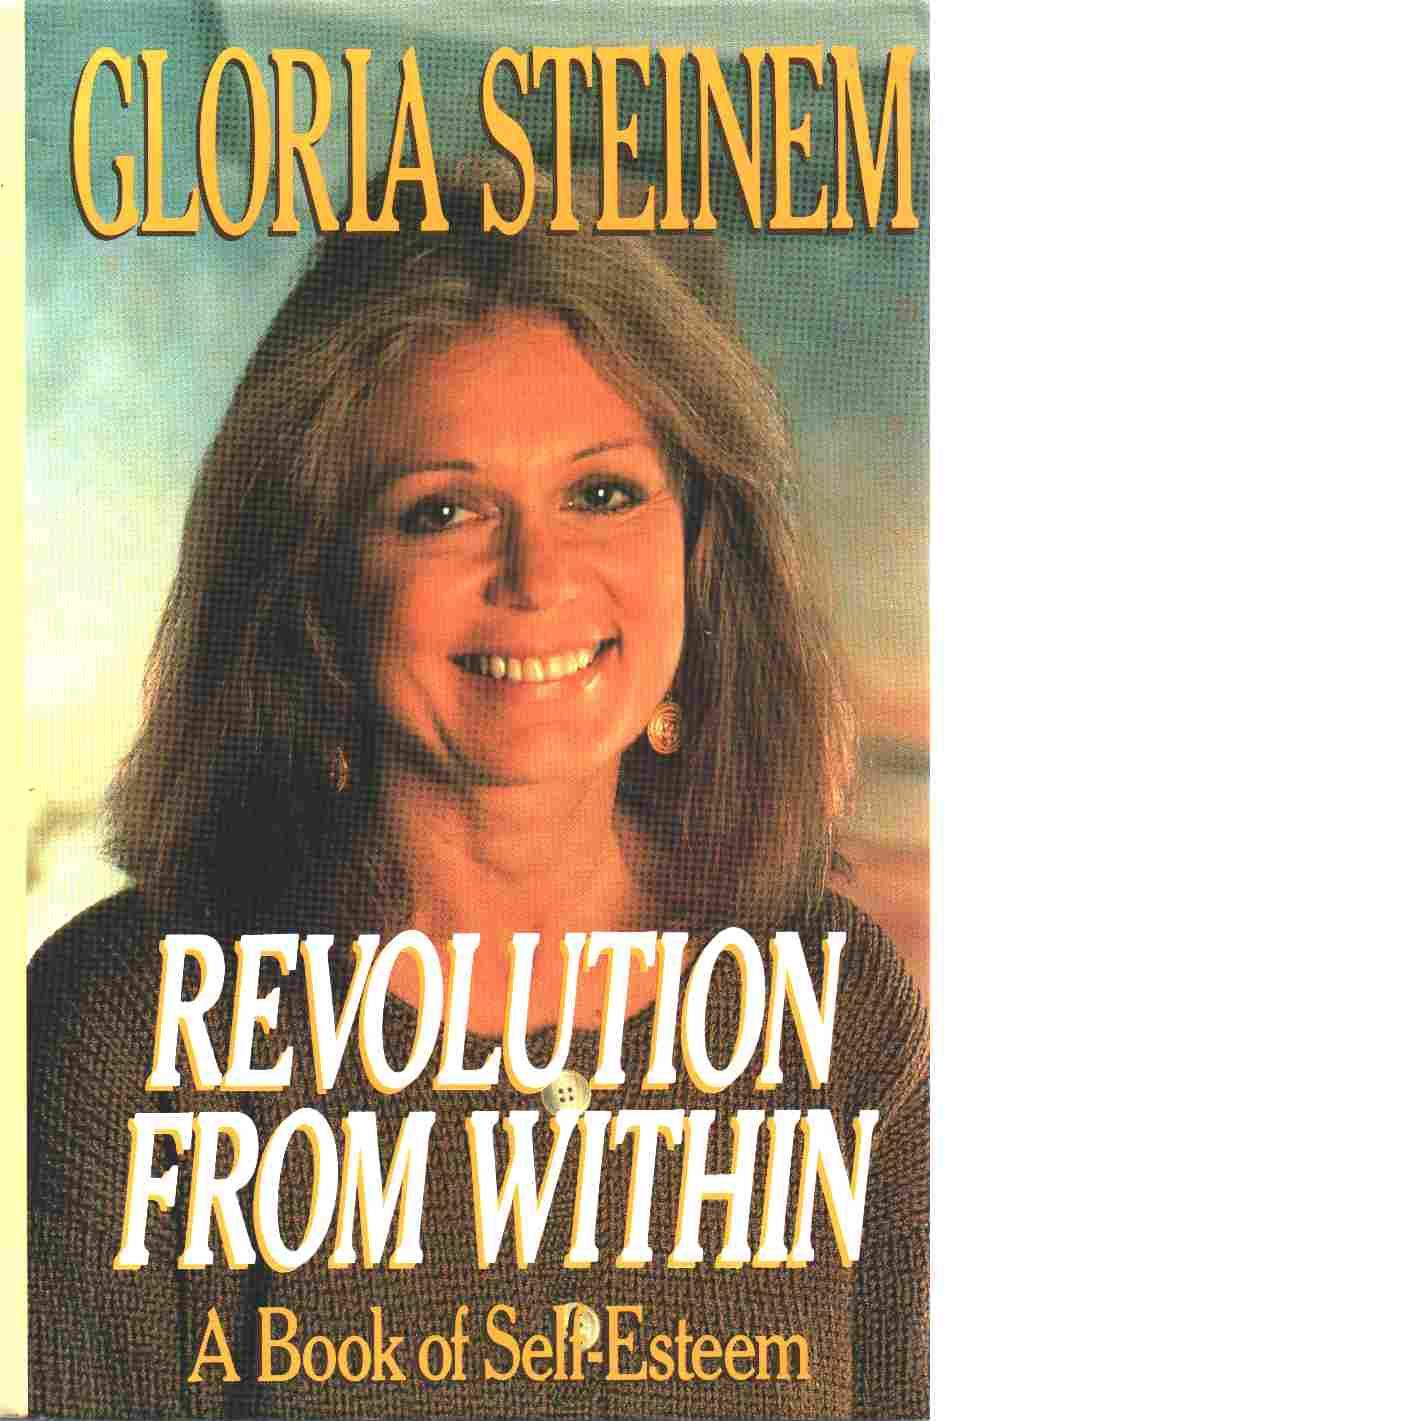 Revolution from within - Steinem, Gloria